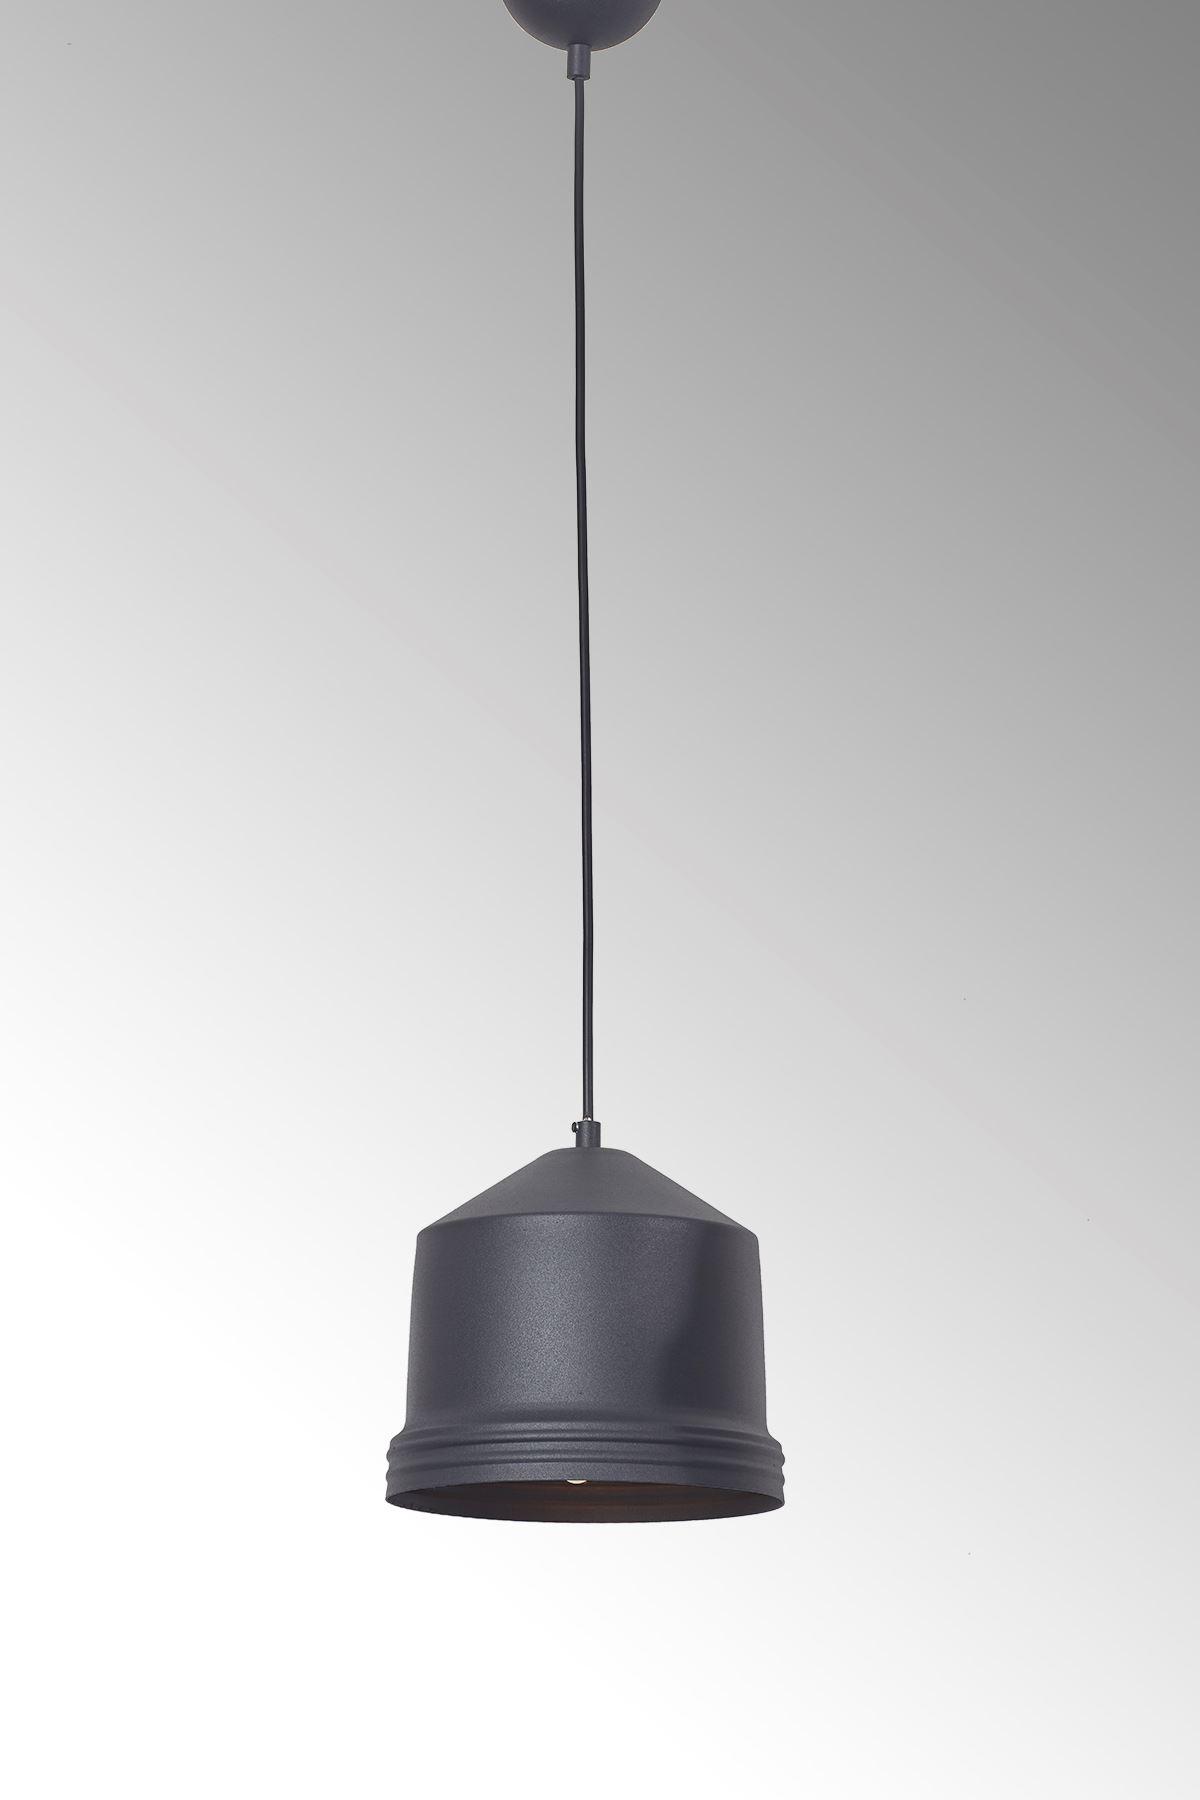 Lucas Siyah Tekli Tasarım Lüx Sarkıt Avize